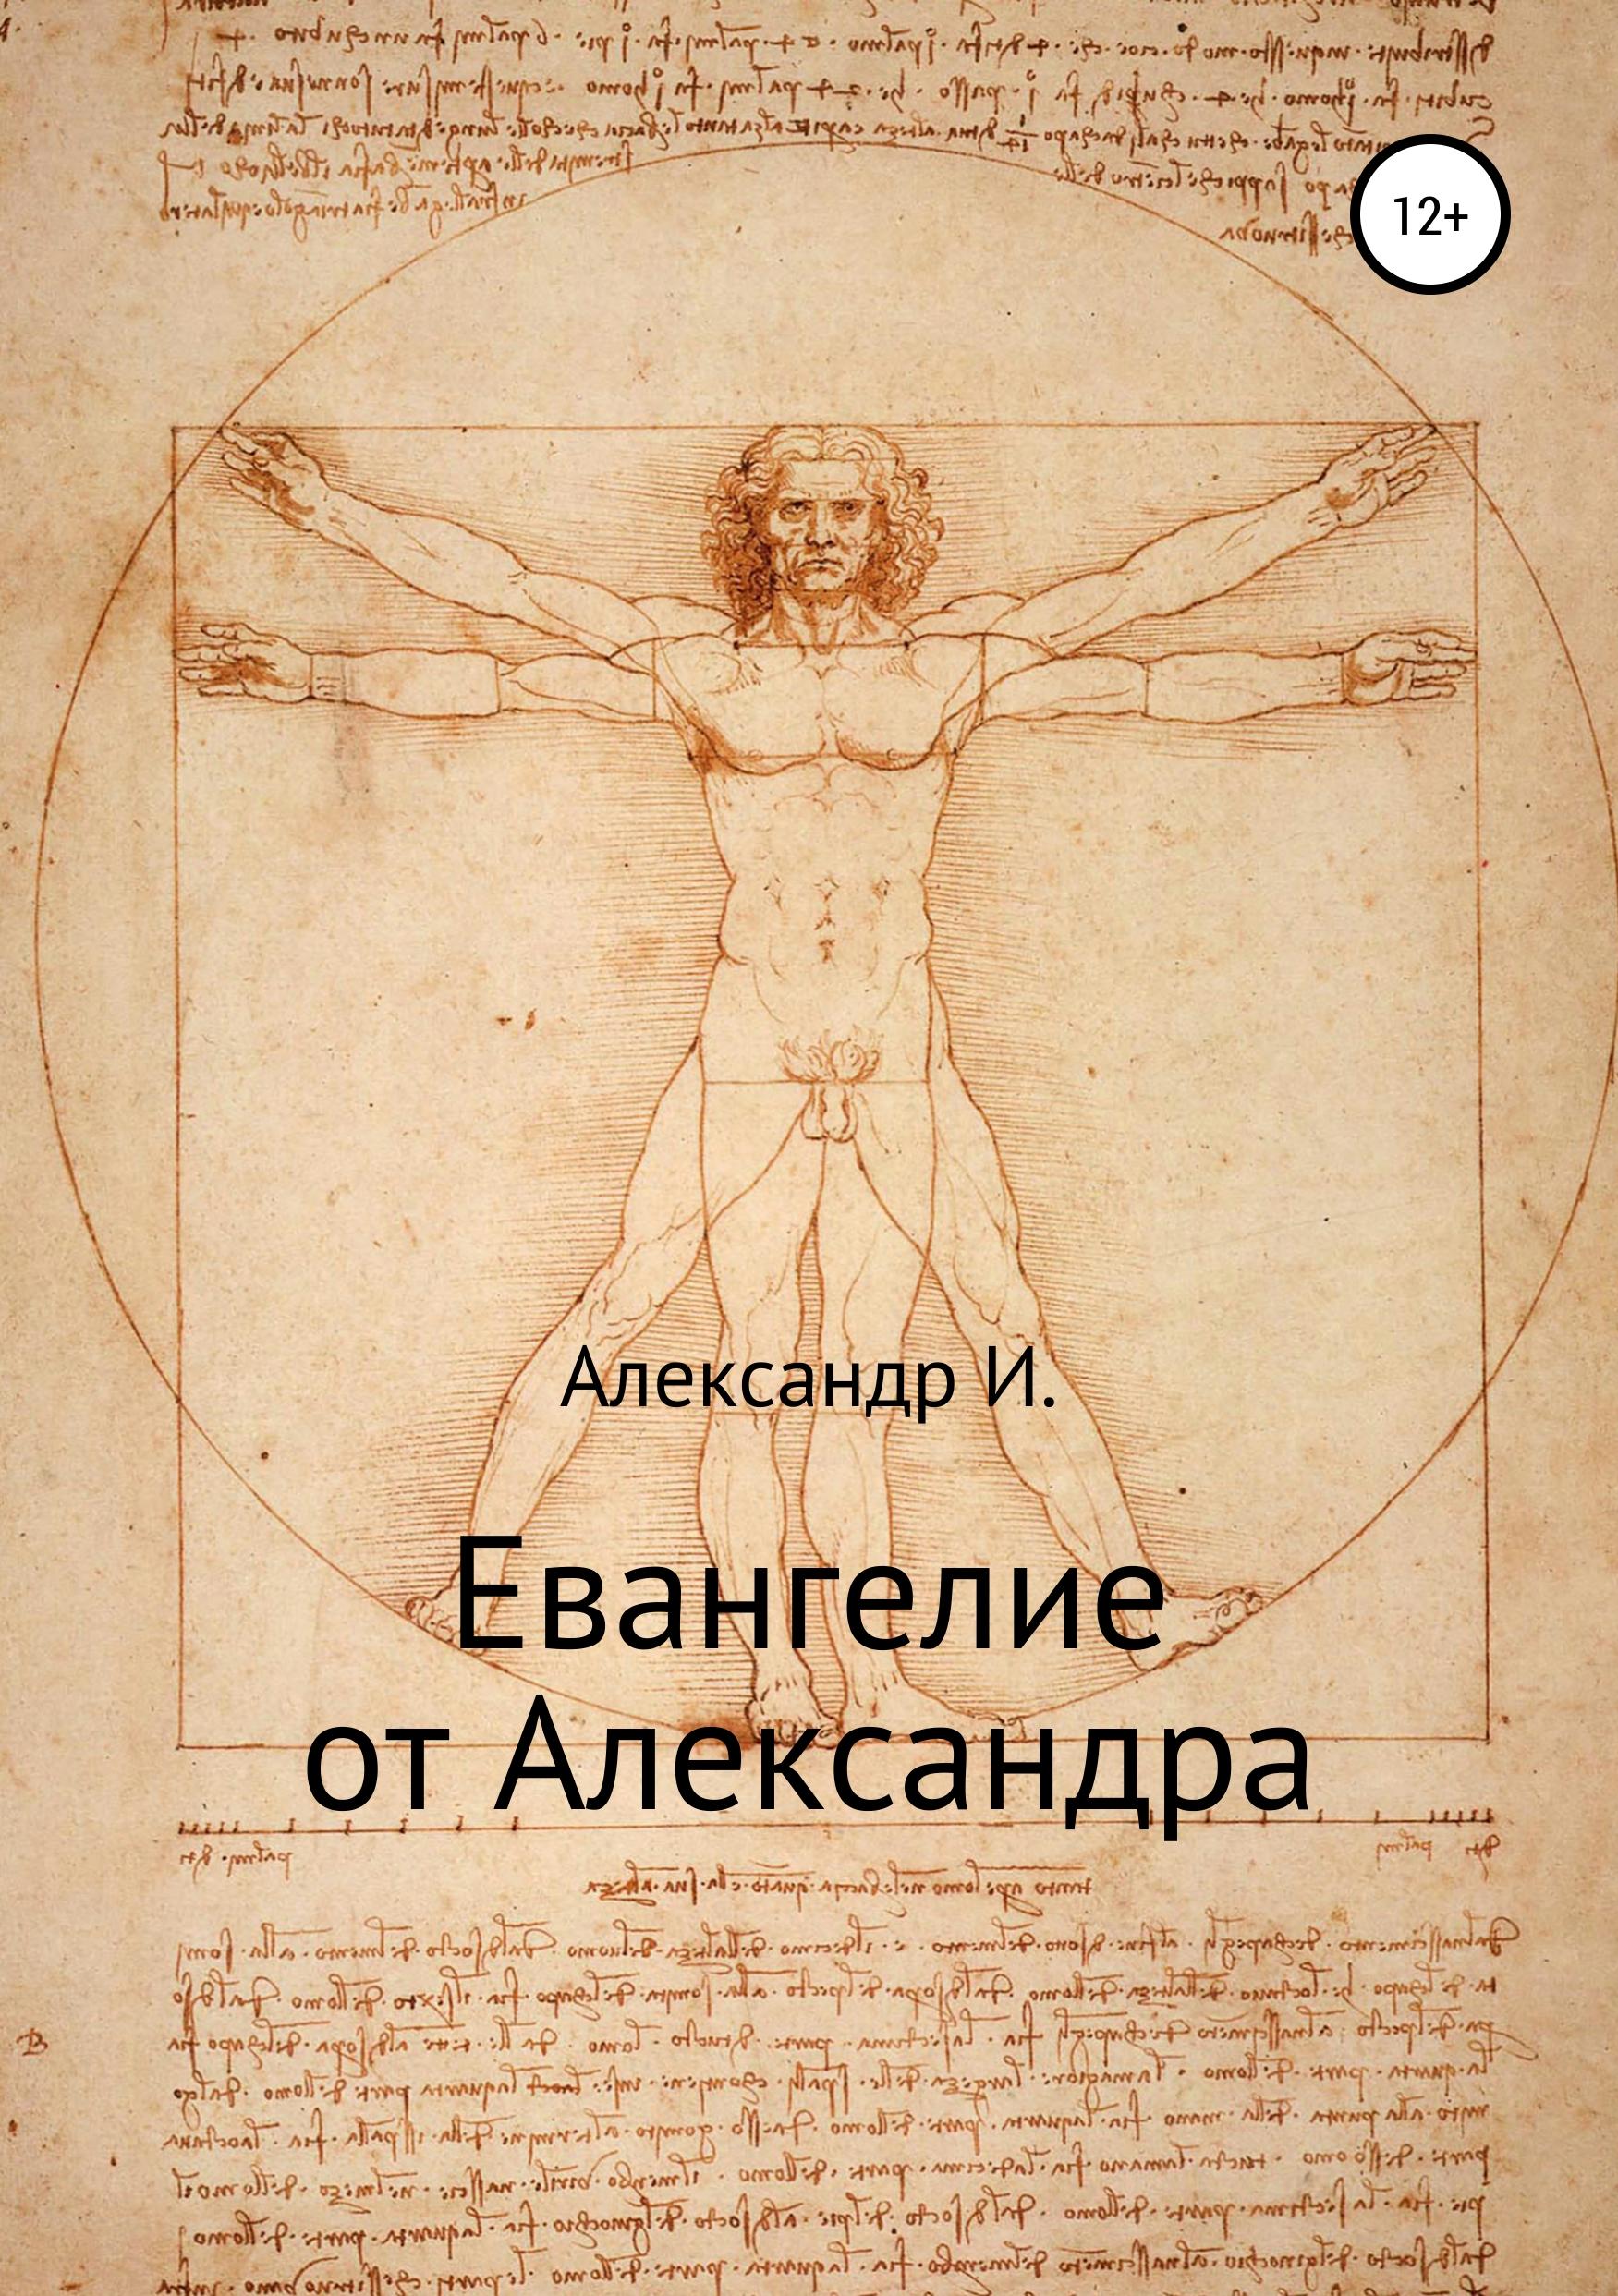 Евангелие от Александра